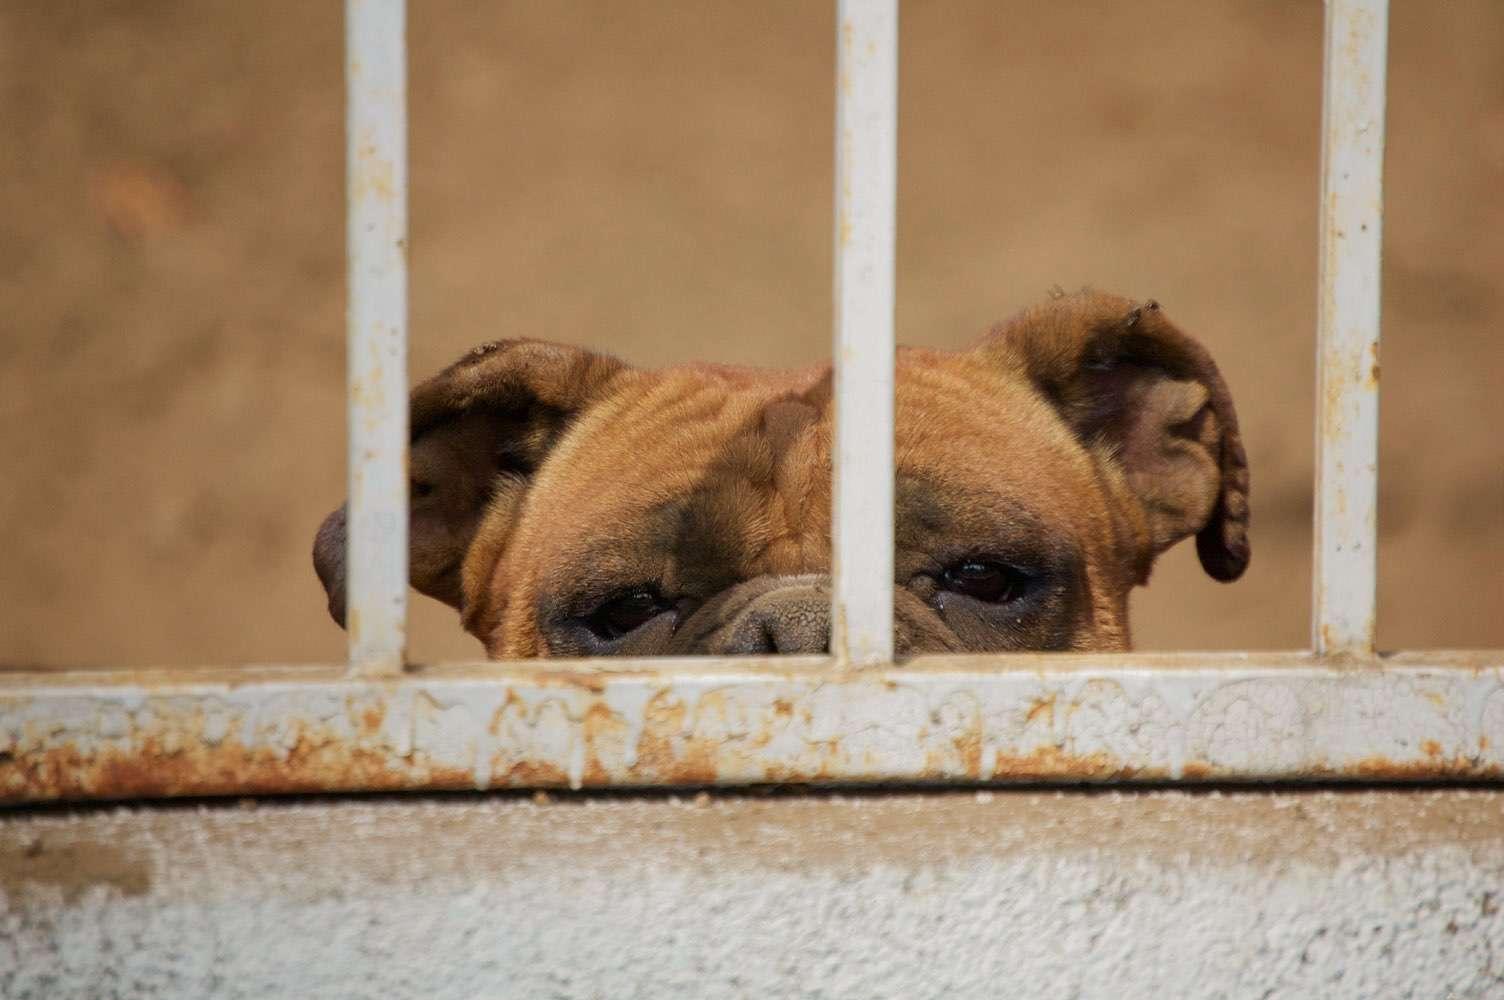 Hund in Freiheitsstrafe? Hund hinter Gittern.